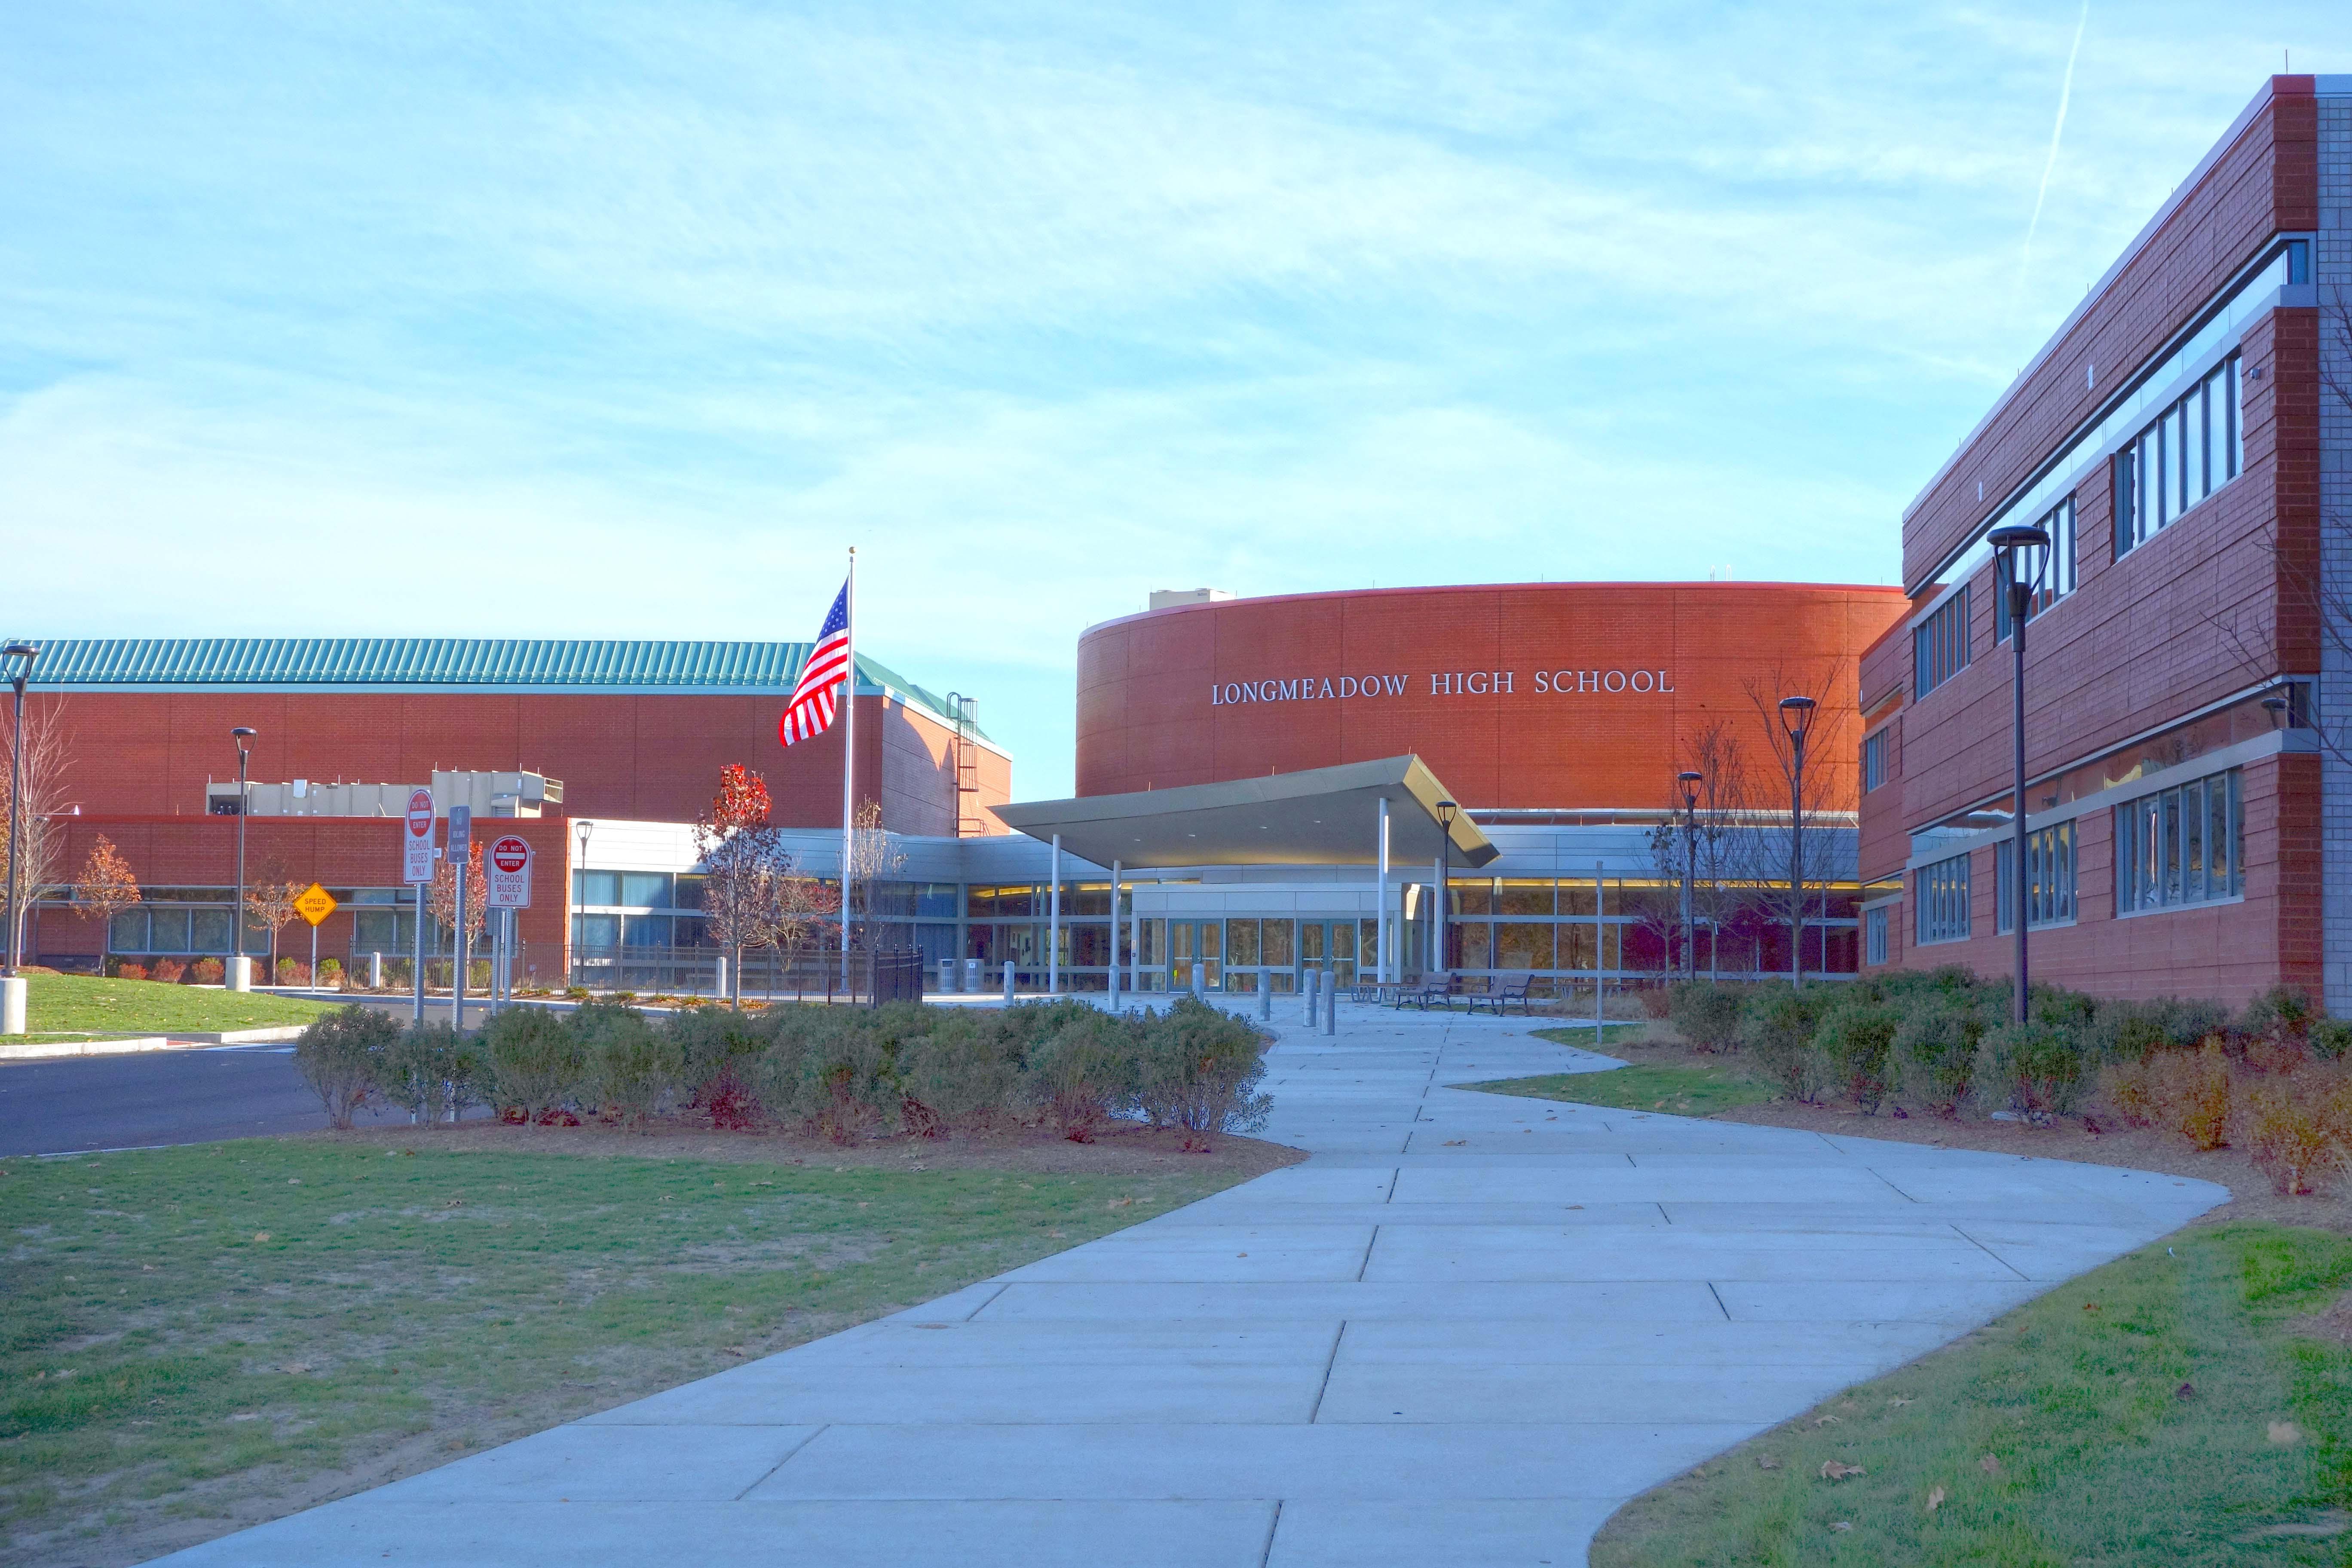 Longmeadow High School